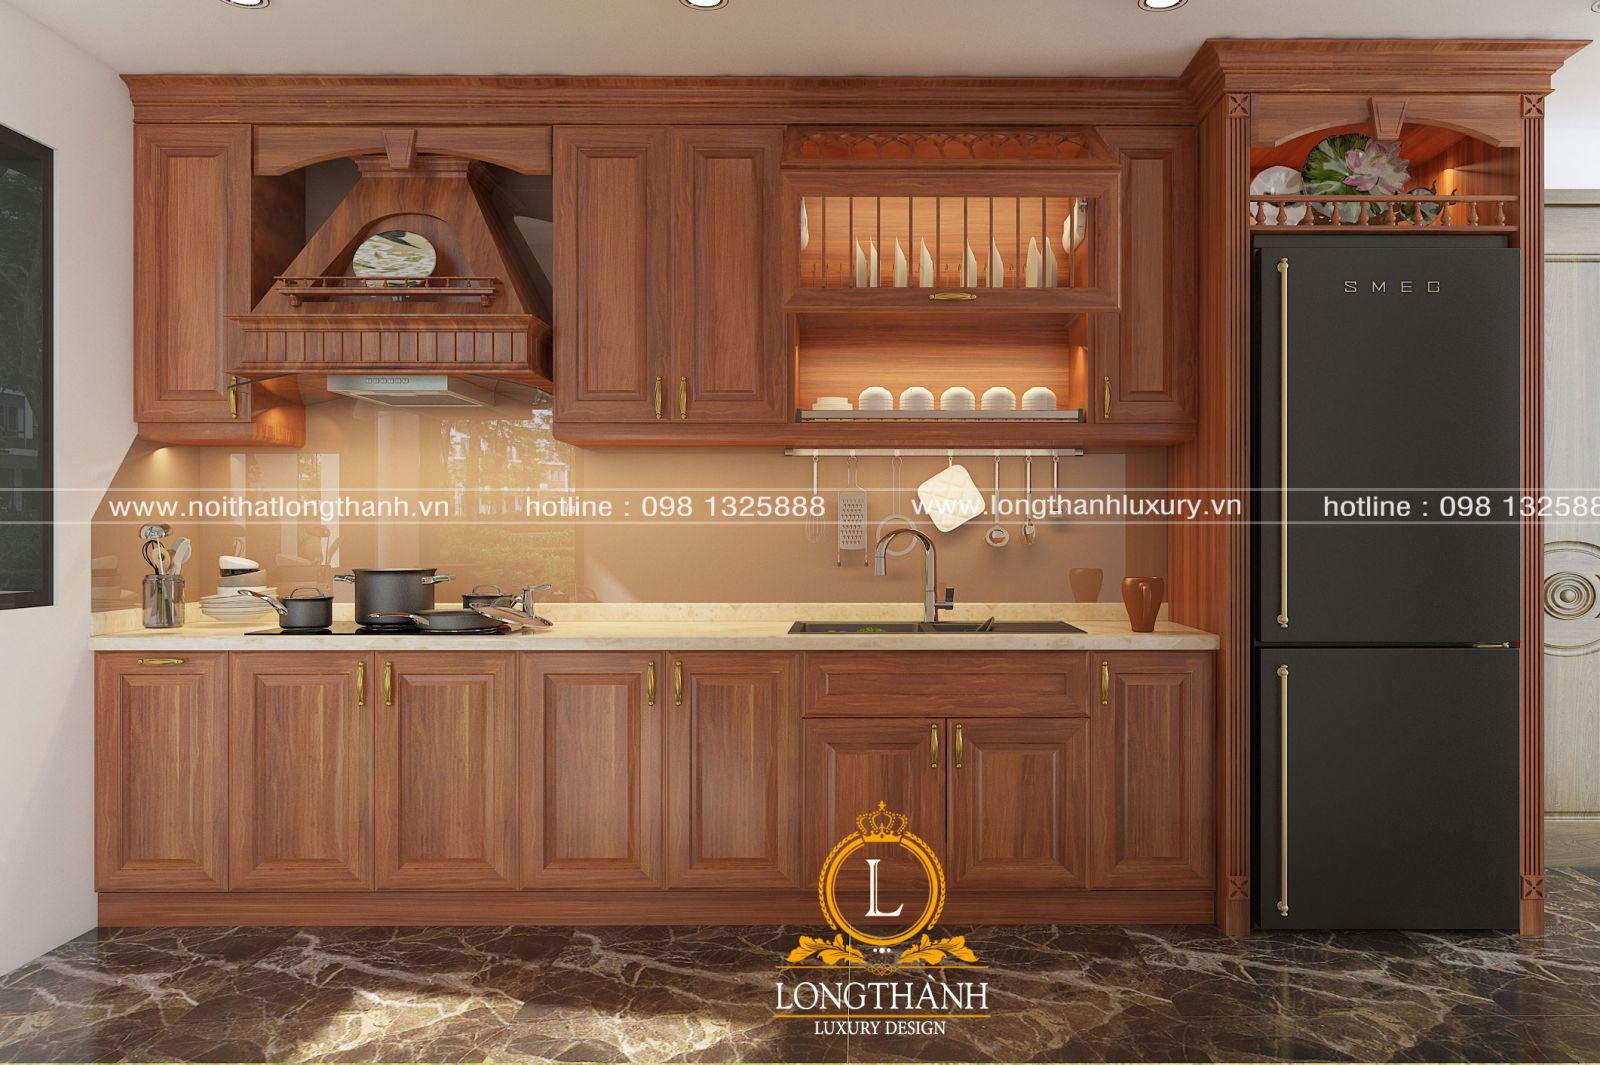 Thiết kế tủ bếp hình chữ I hiện đại cho phòng bếp nhà phố hẹp